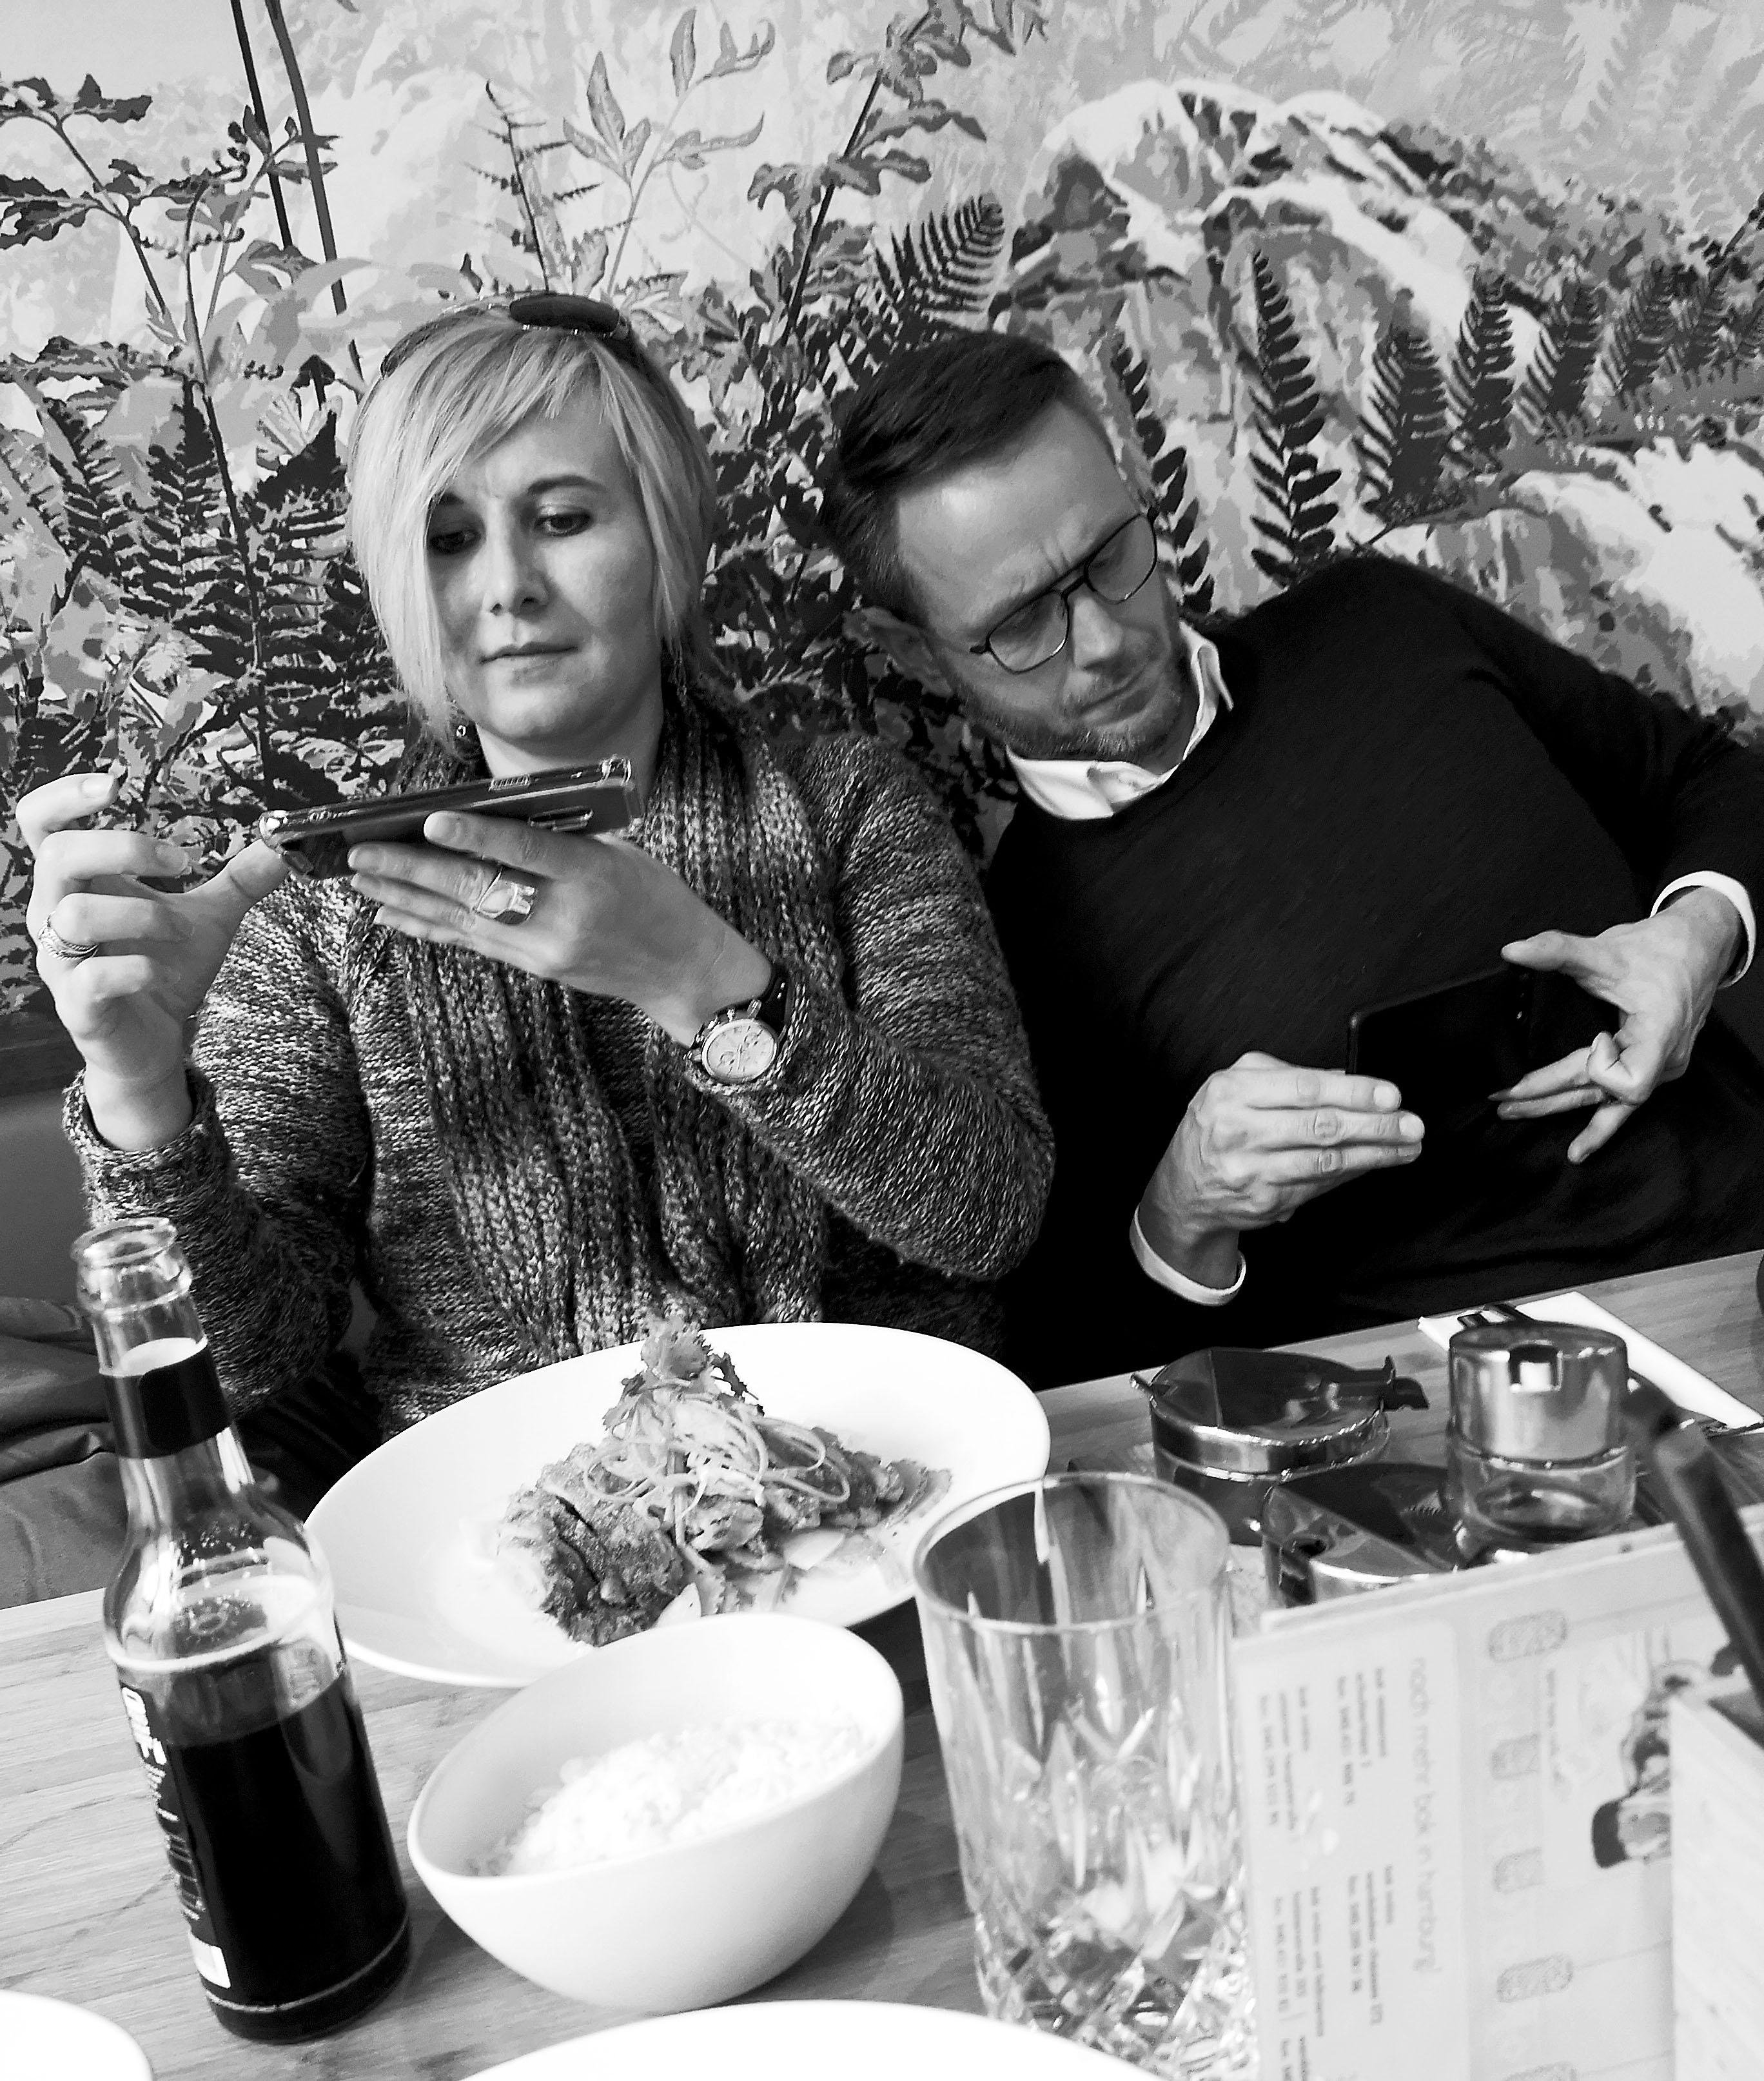 Foto: Michael B. Rehders - Lunch. Im Hamburger Restaurant Bok gelang mir dieser Schnappschuss von Bianca und Guido.